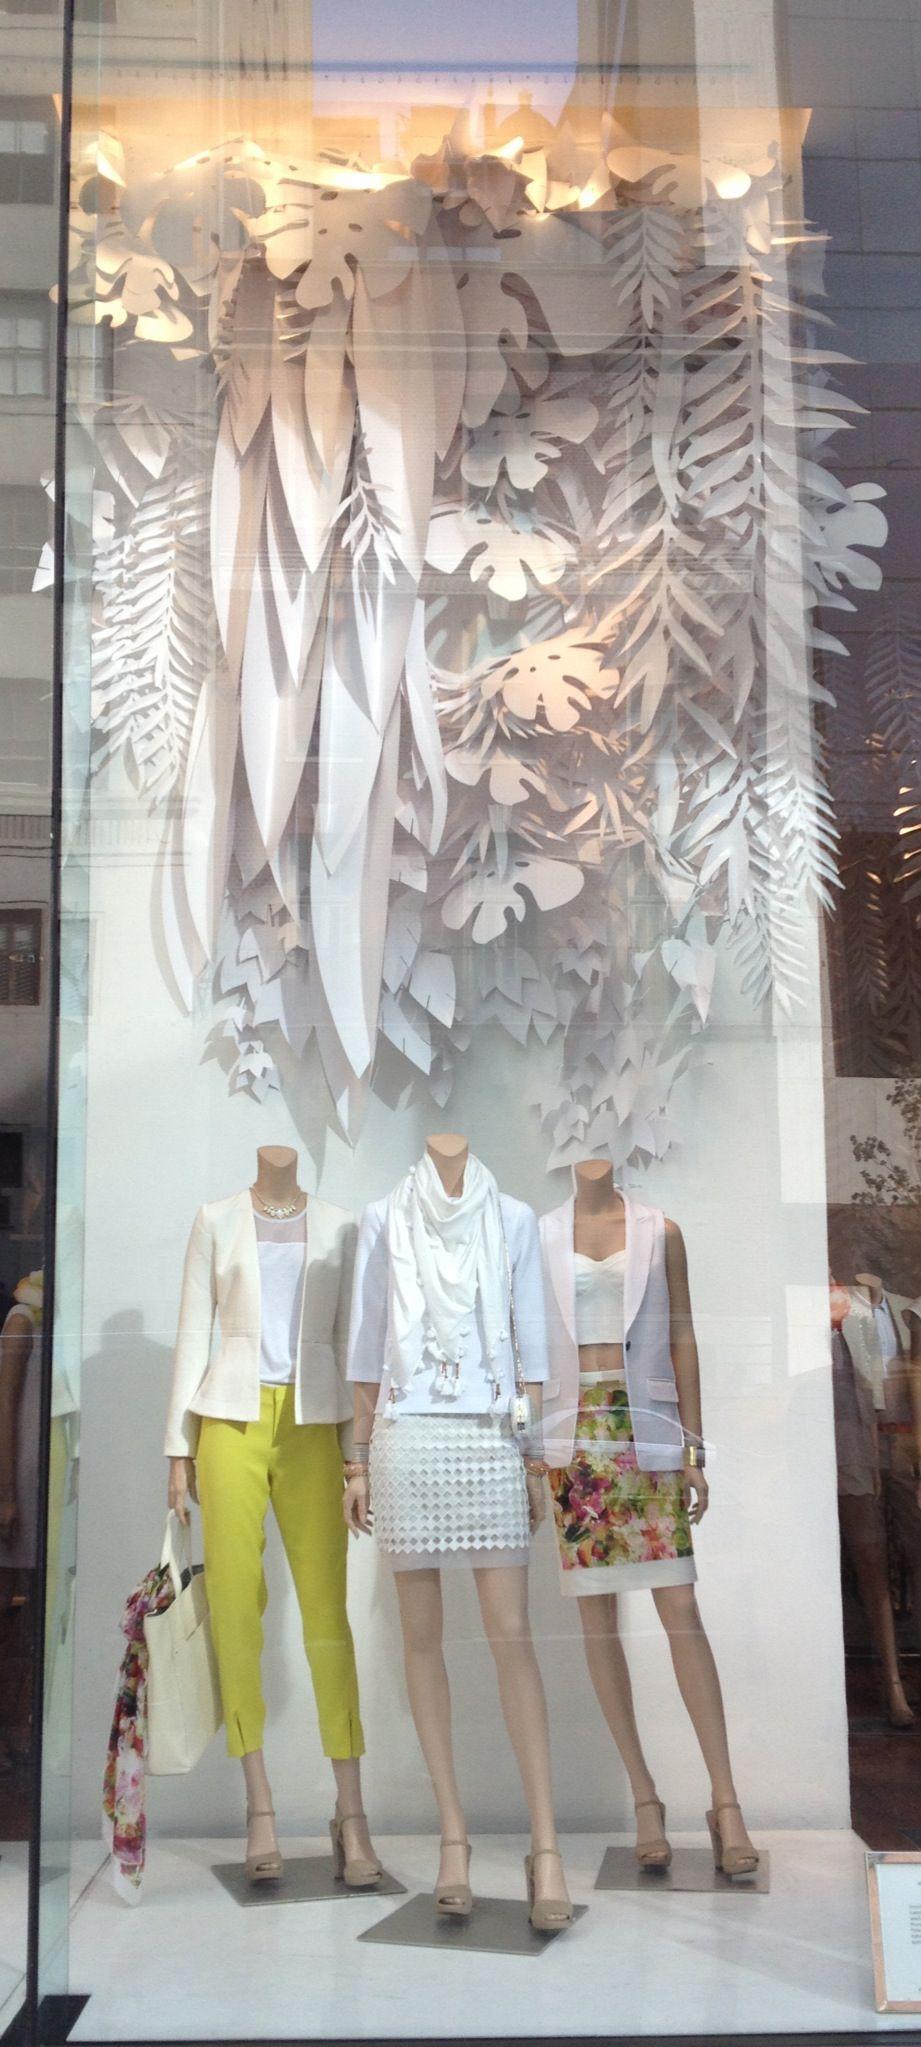 VM | Window Visual Merchandising | VM | Window Display | Club Monaco | NYC Spring 2013